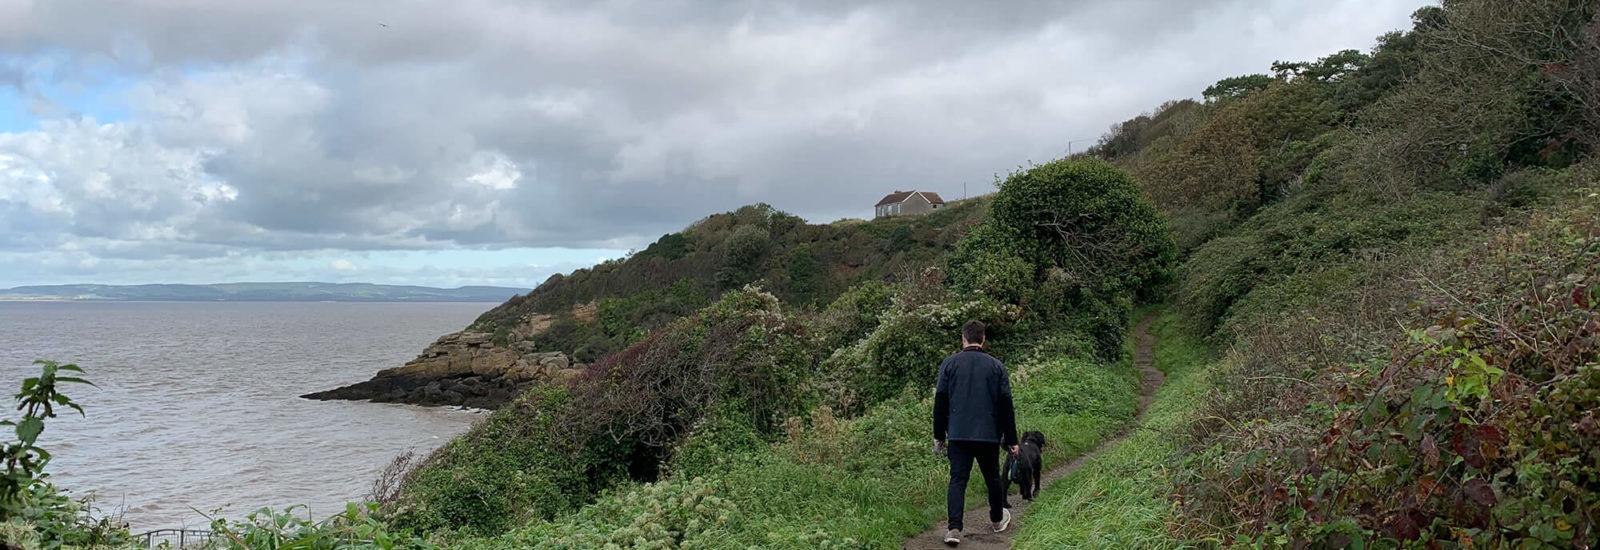 Image of Clevedon Lovers' Walk & Layde Bay